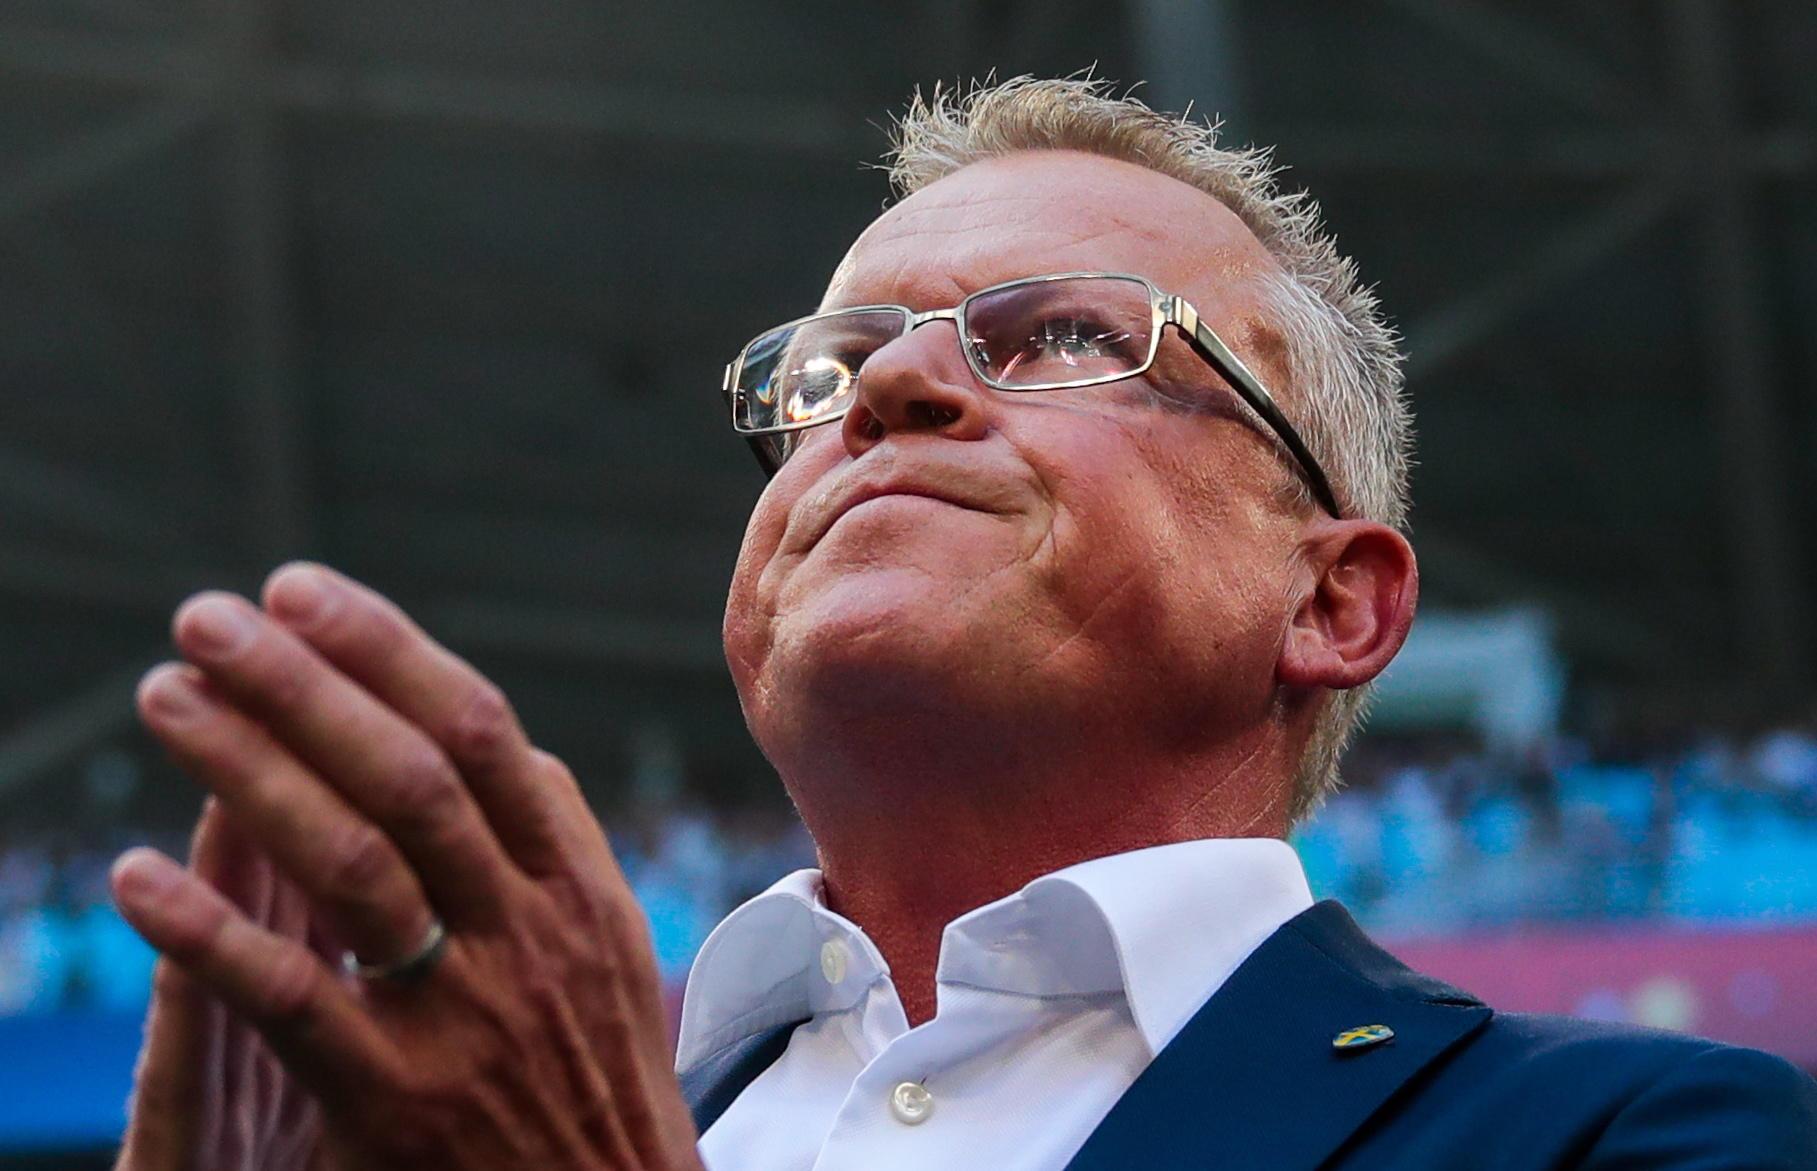 Sveriges EM-trupp 2021 presenterad – se alla spelare